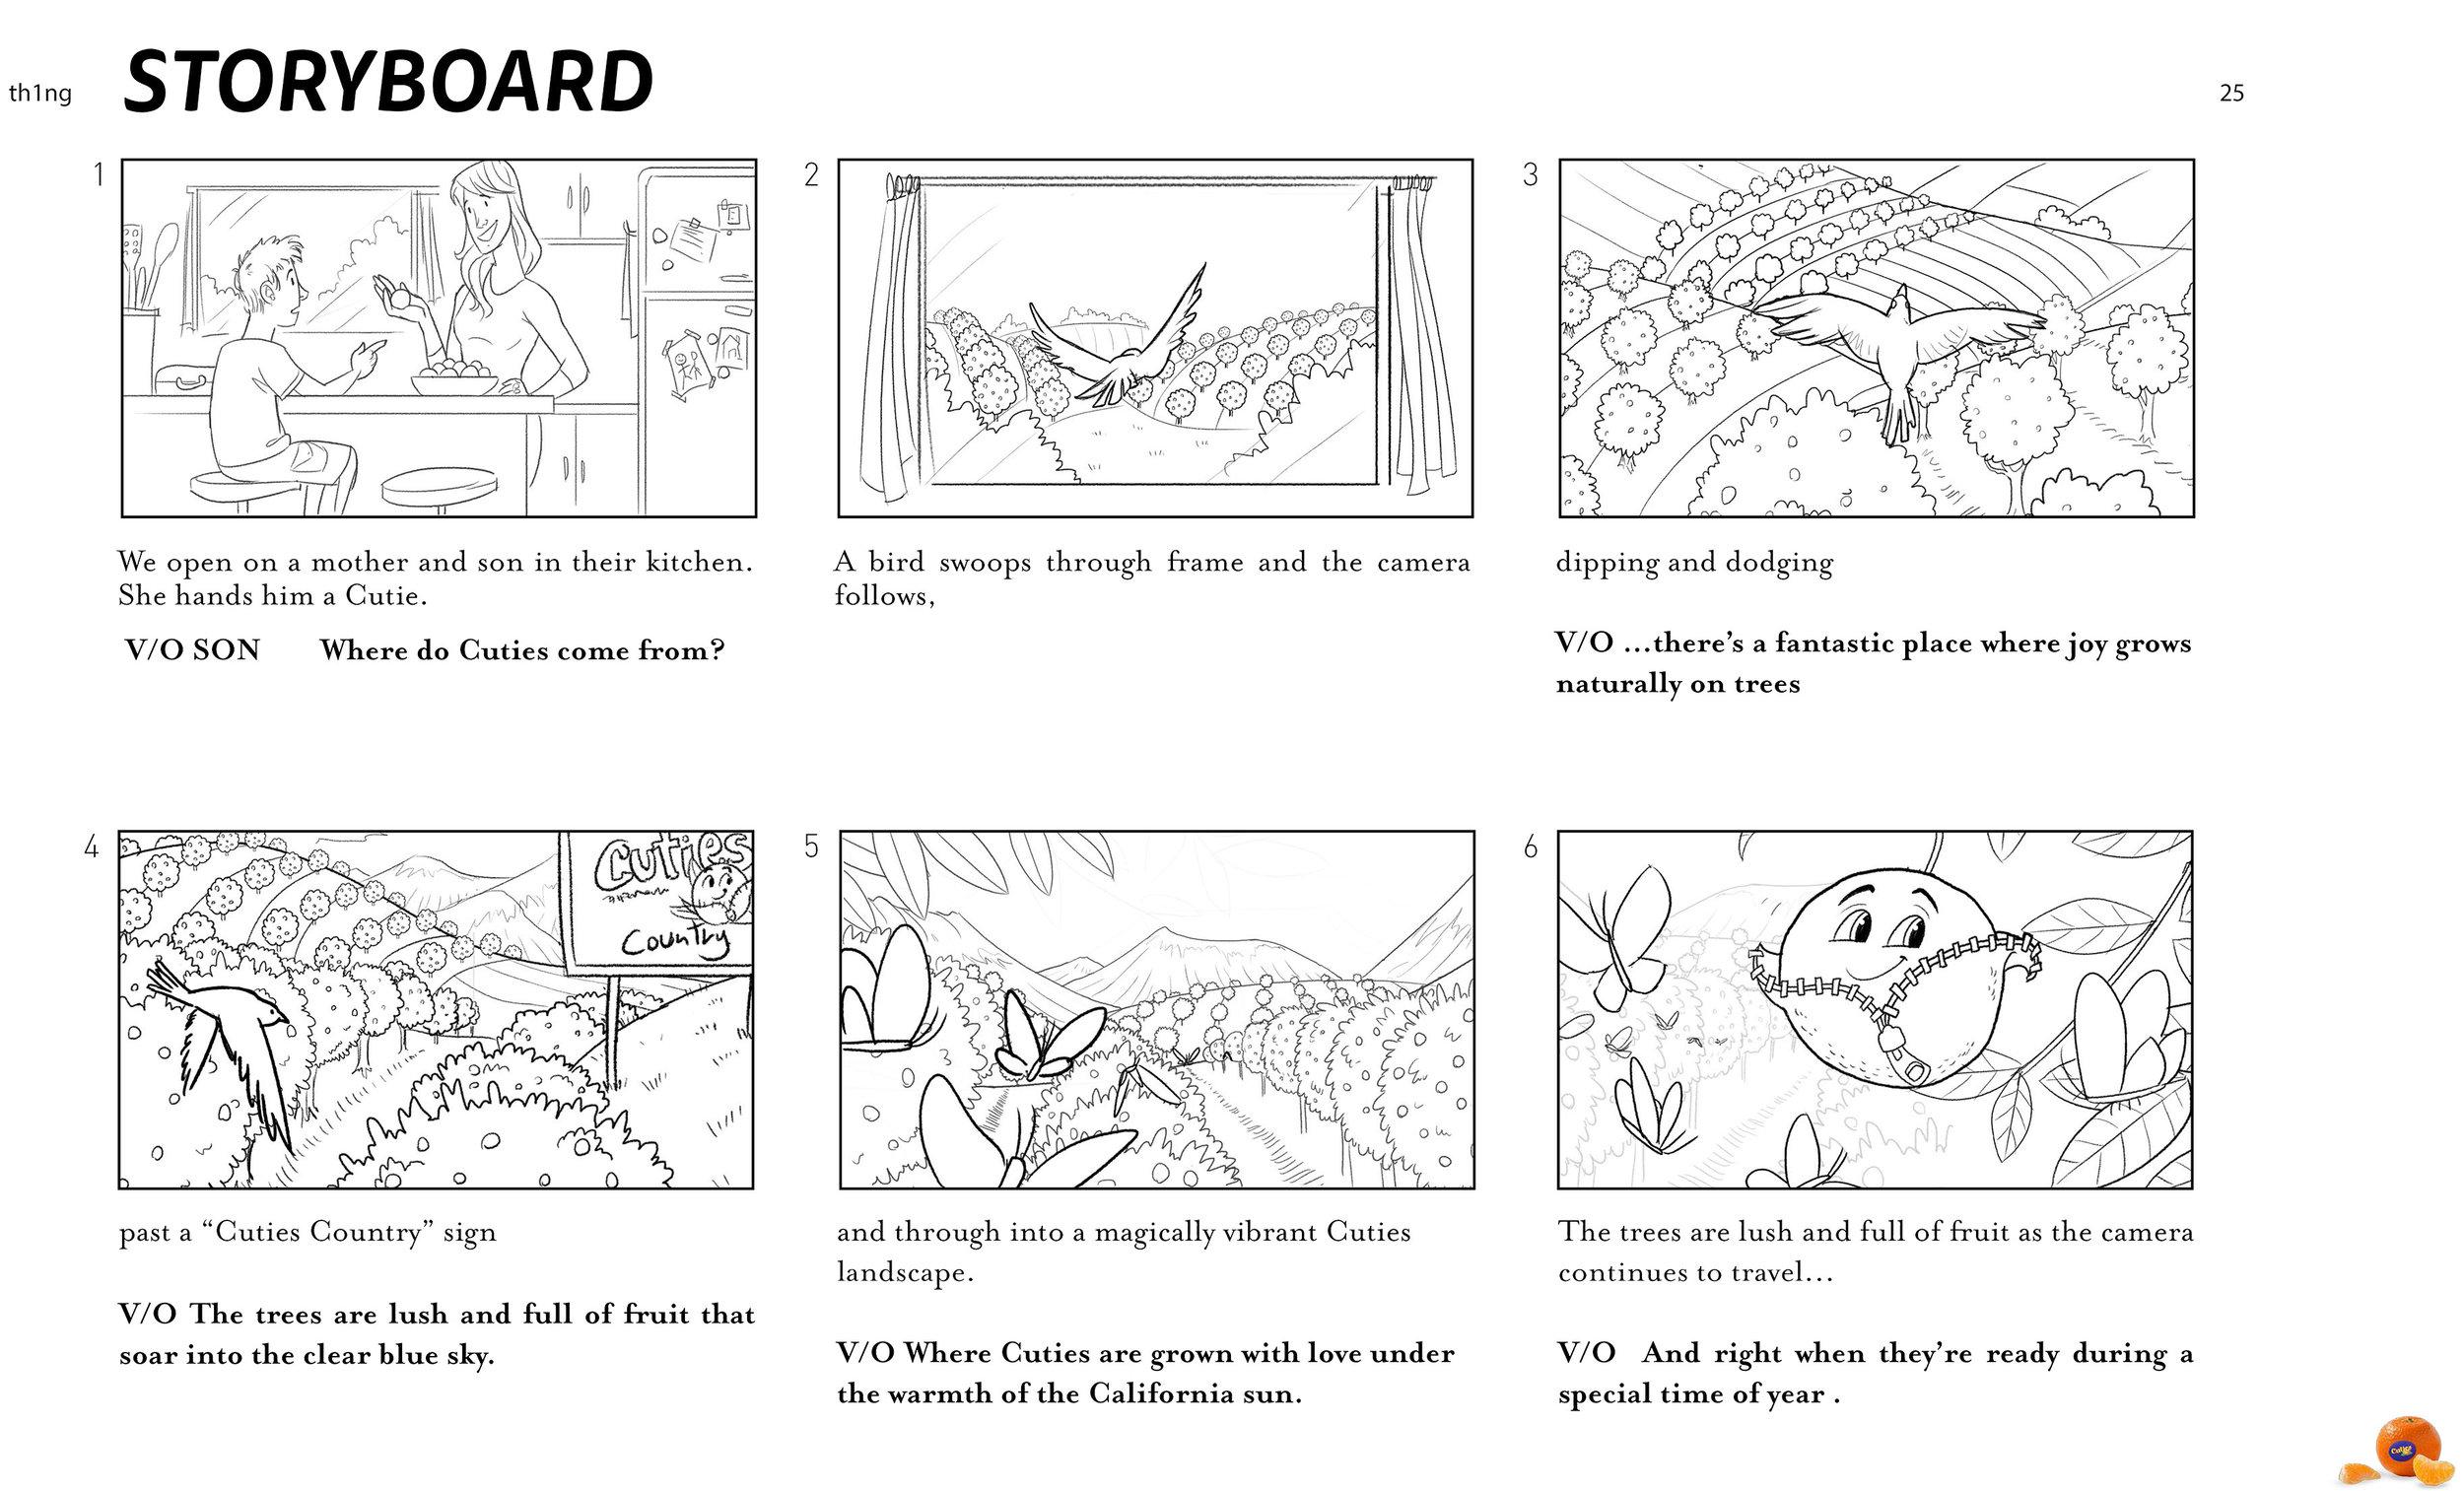 Cuties storyboard-1.jpg